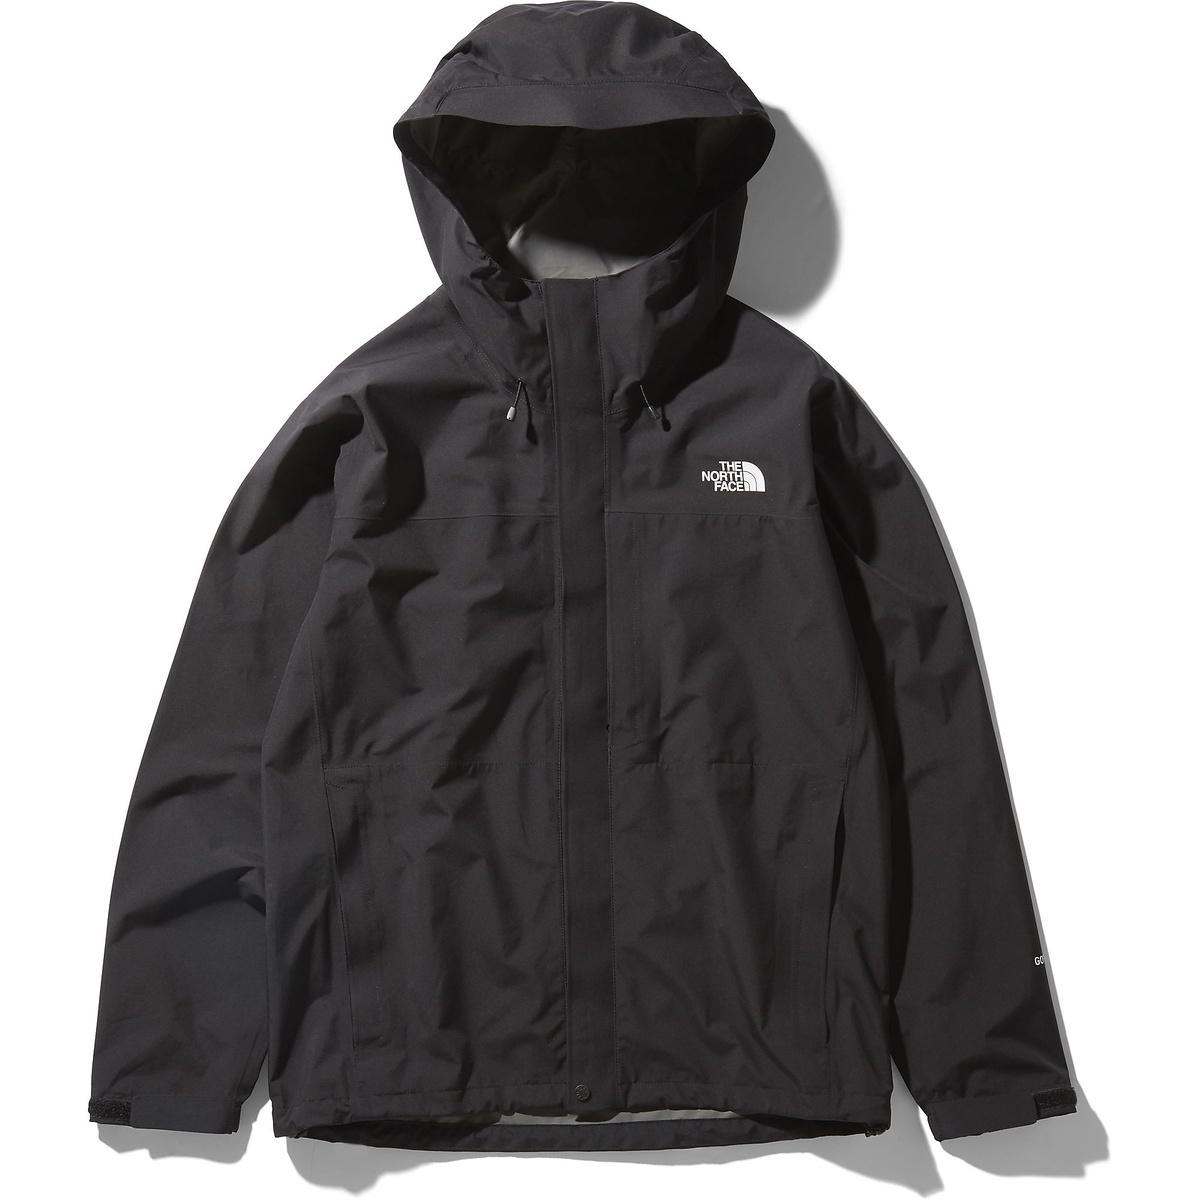 【送料無料】 THE NORTH FACE (ノースフェイス) トレッキング アウトドア 薄手ジャケット Cloud Jacket メンズ K NP11712 K